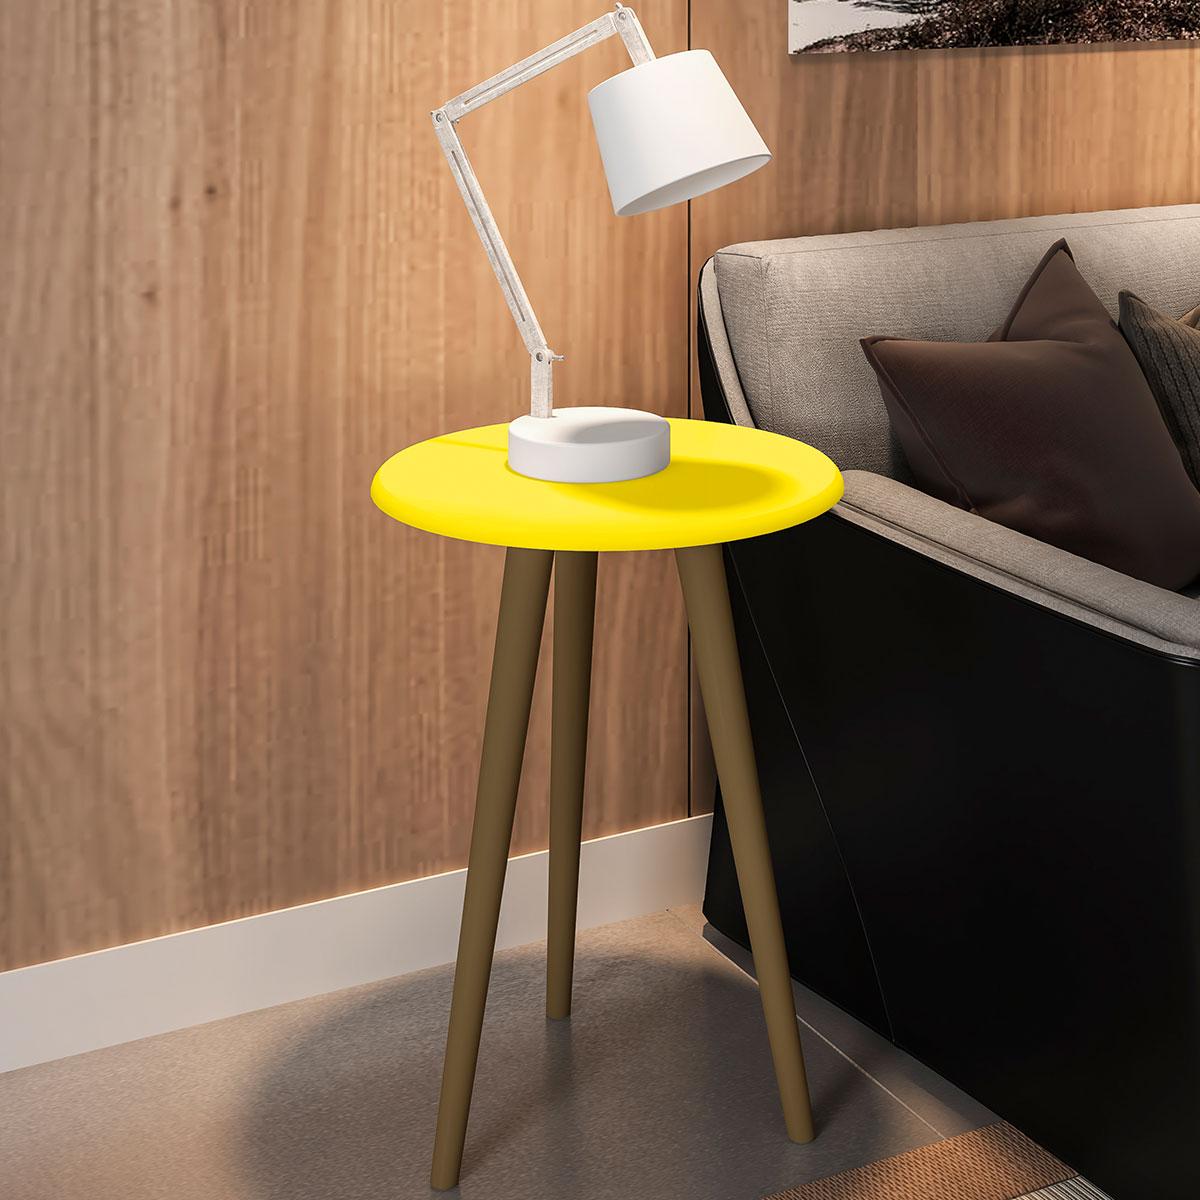 Mesa de Apoio Brilhante Amarelo Moveis Bechara